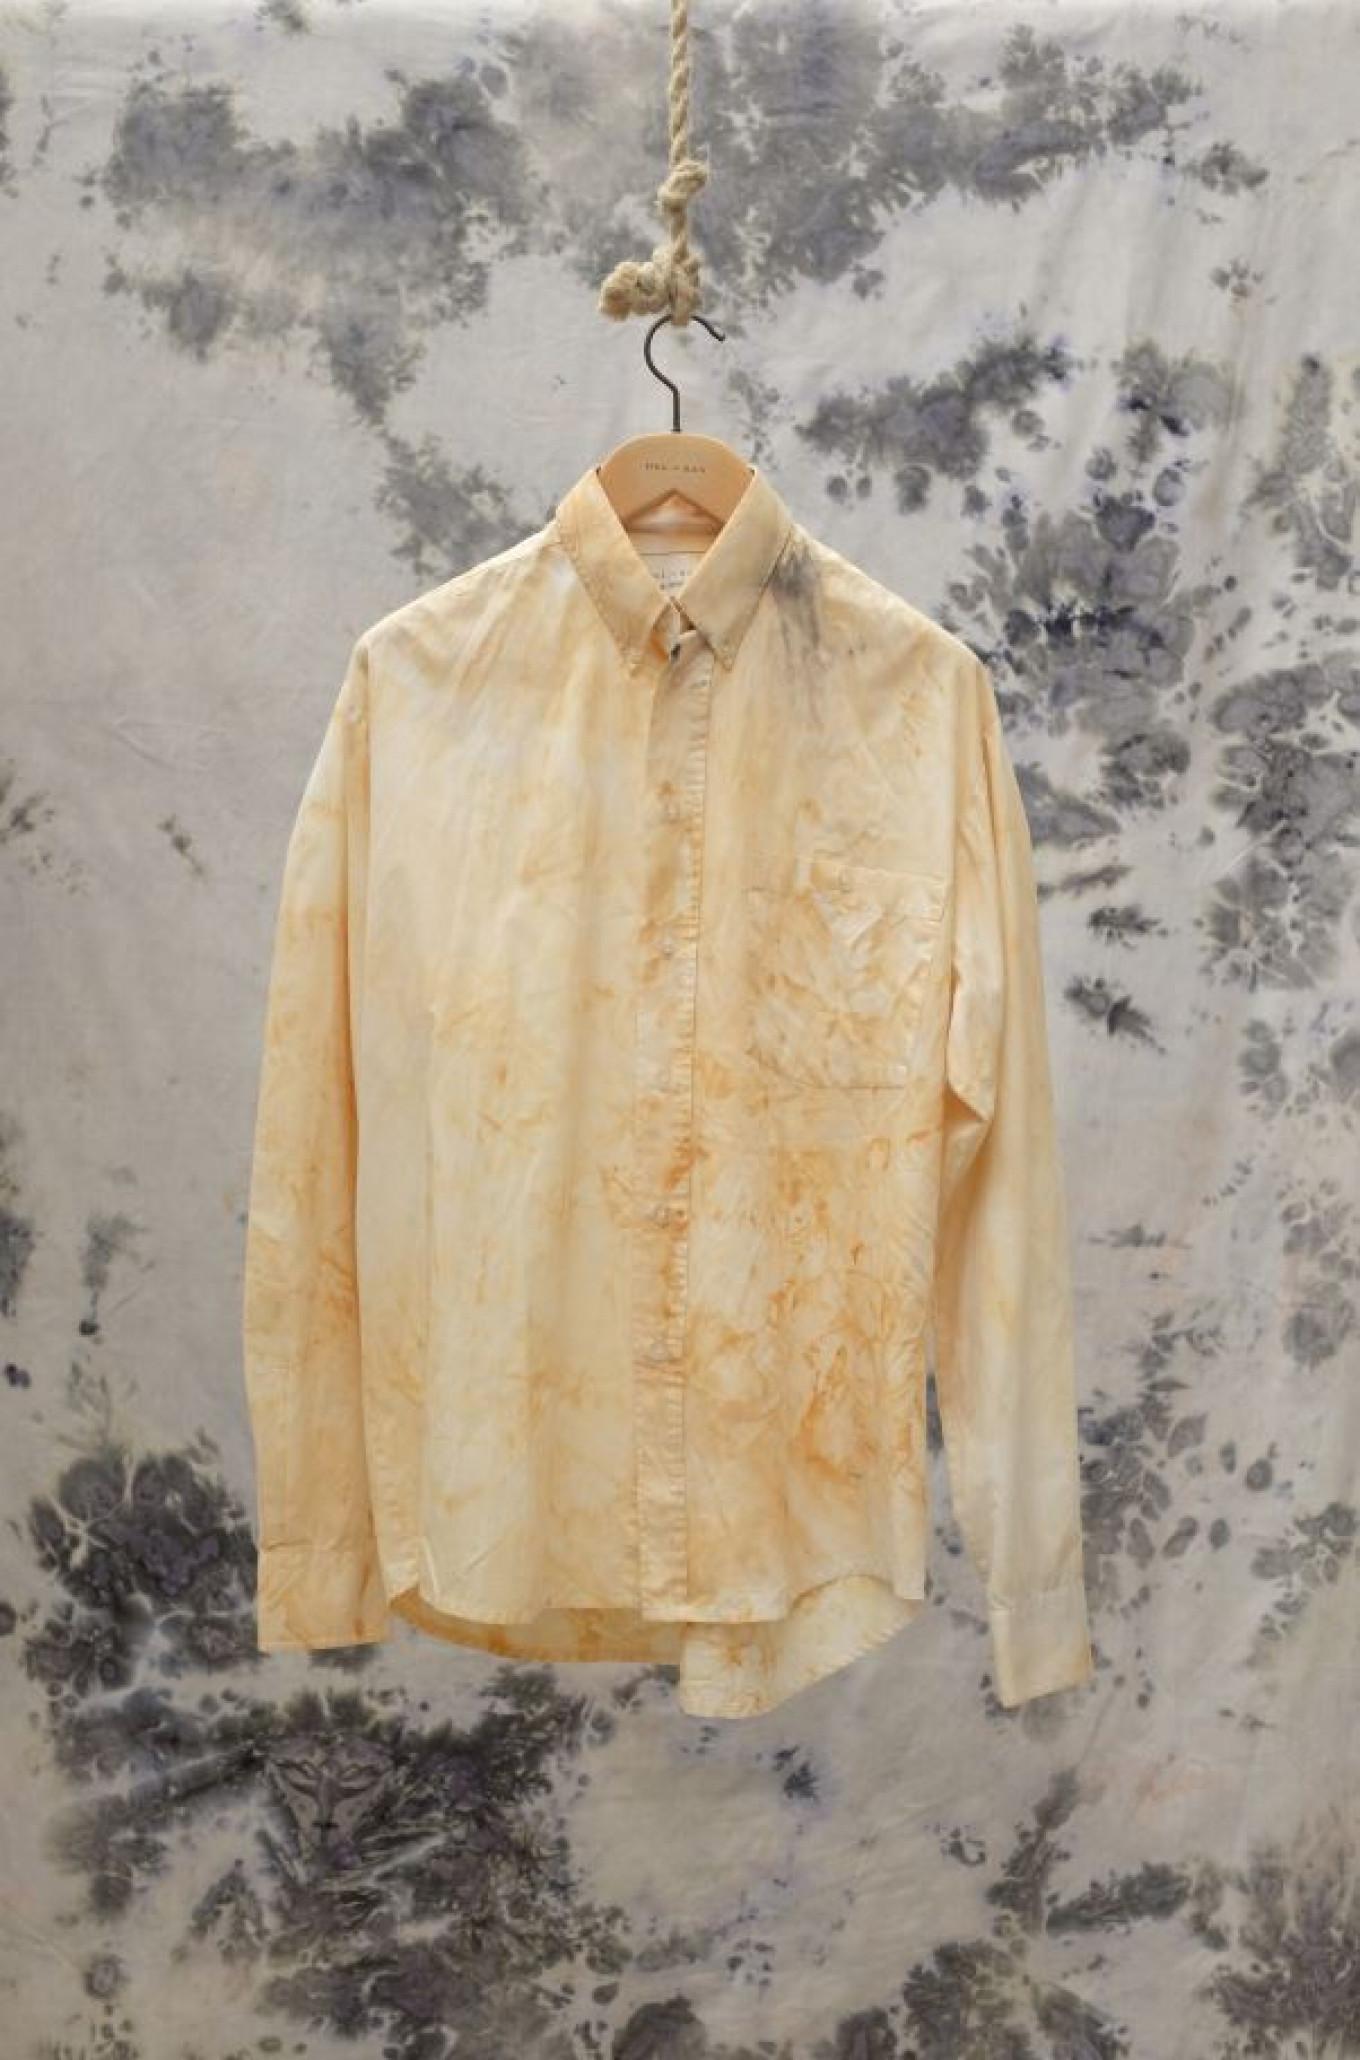 Dit overhemd dankt zijn gele kleur en vlekken aan uienschillen.